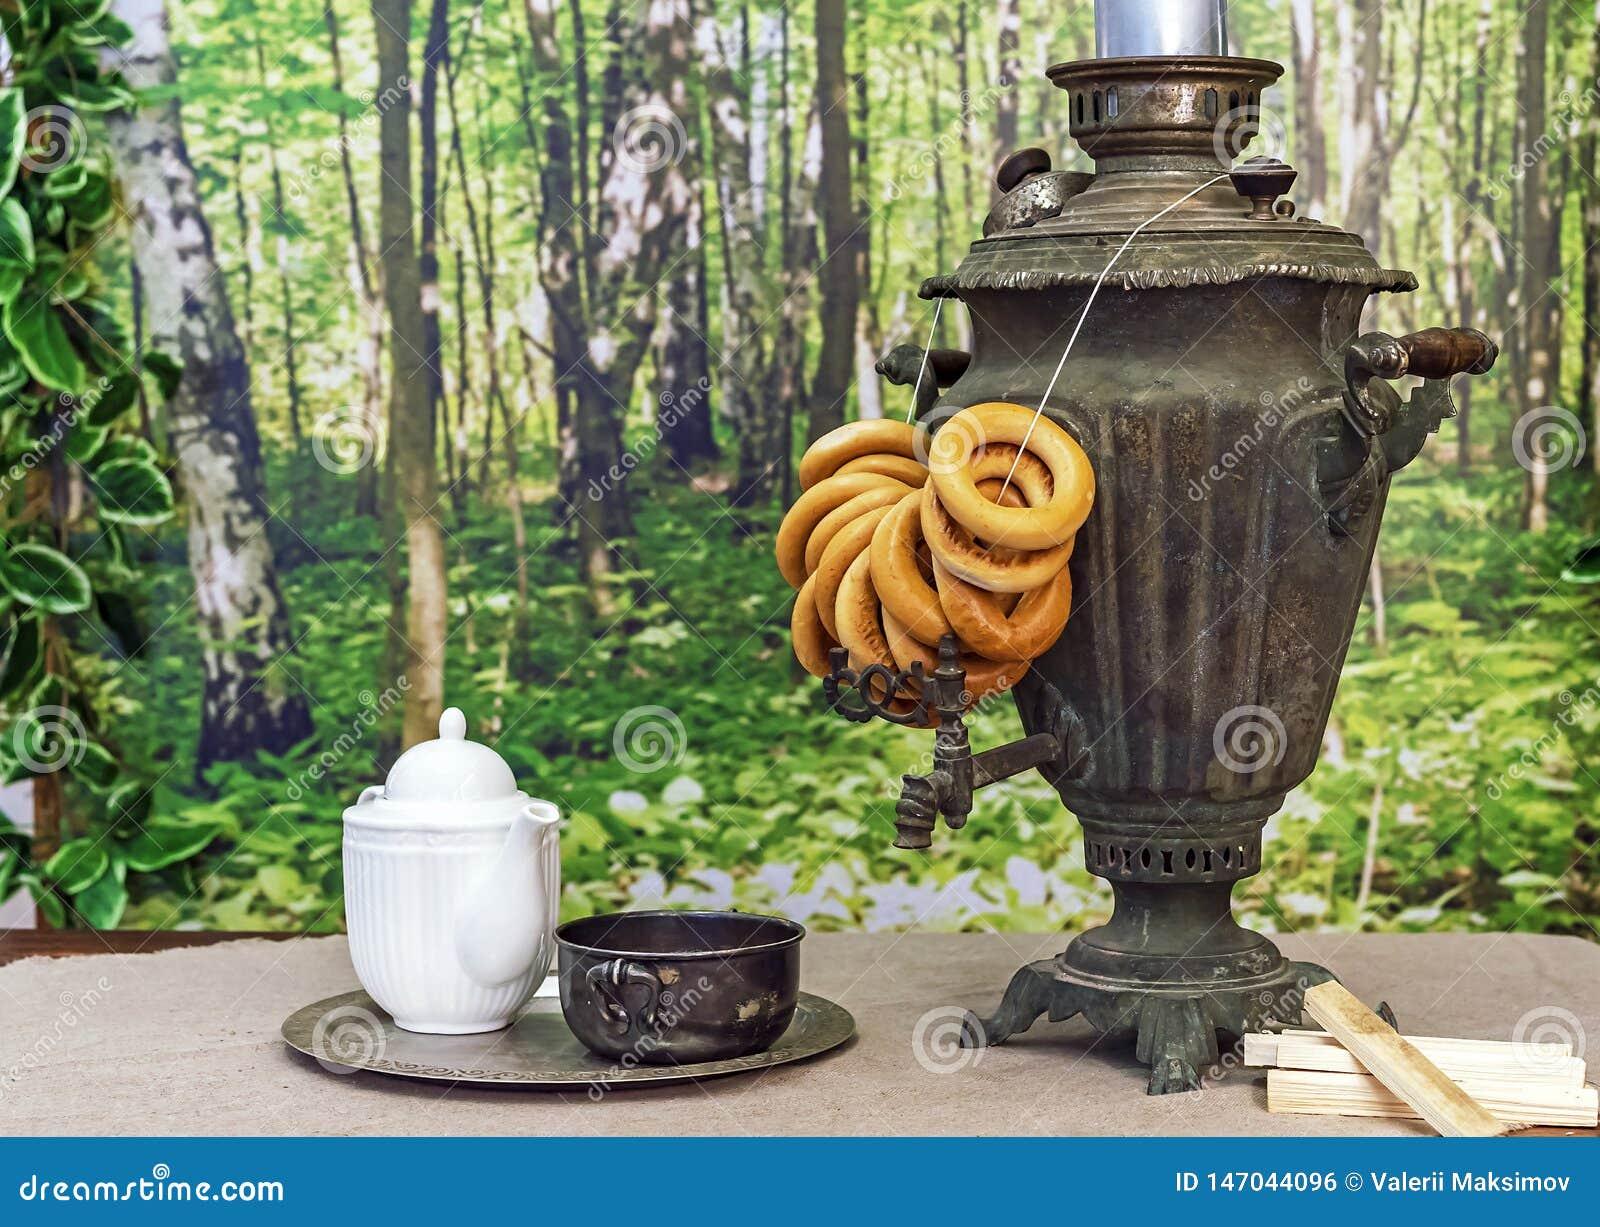 Stary Rosyjski samowar z bagels na drewnianym stole